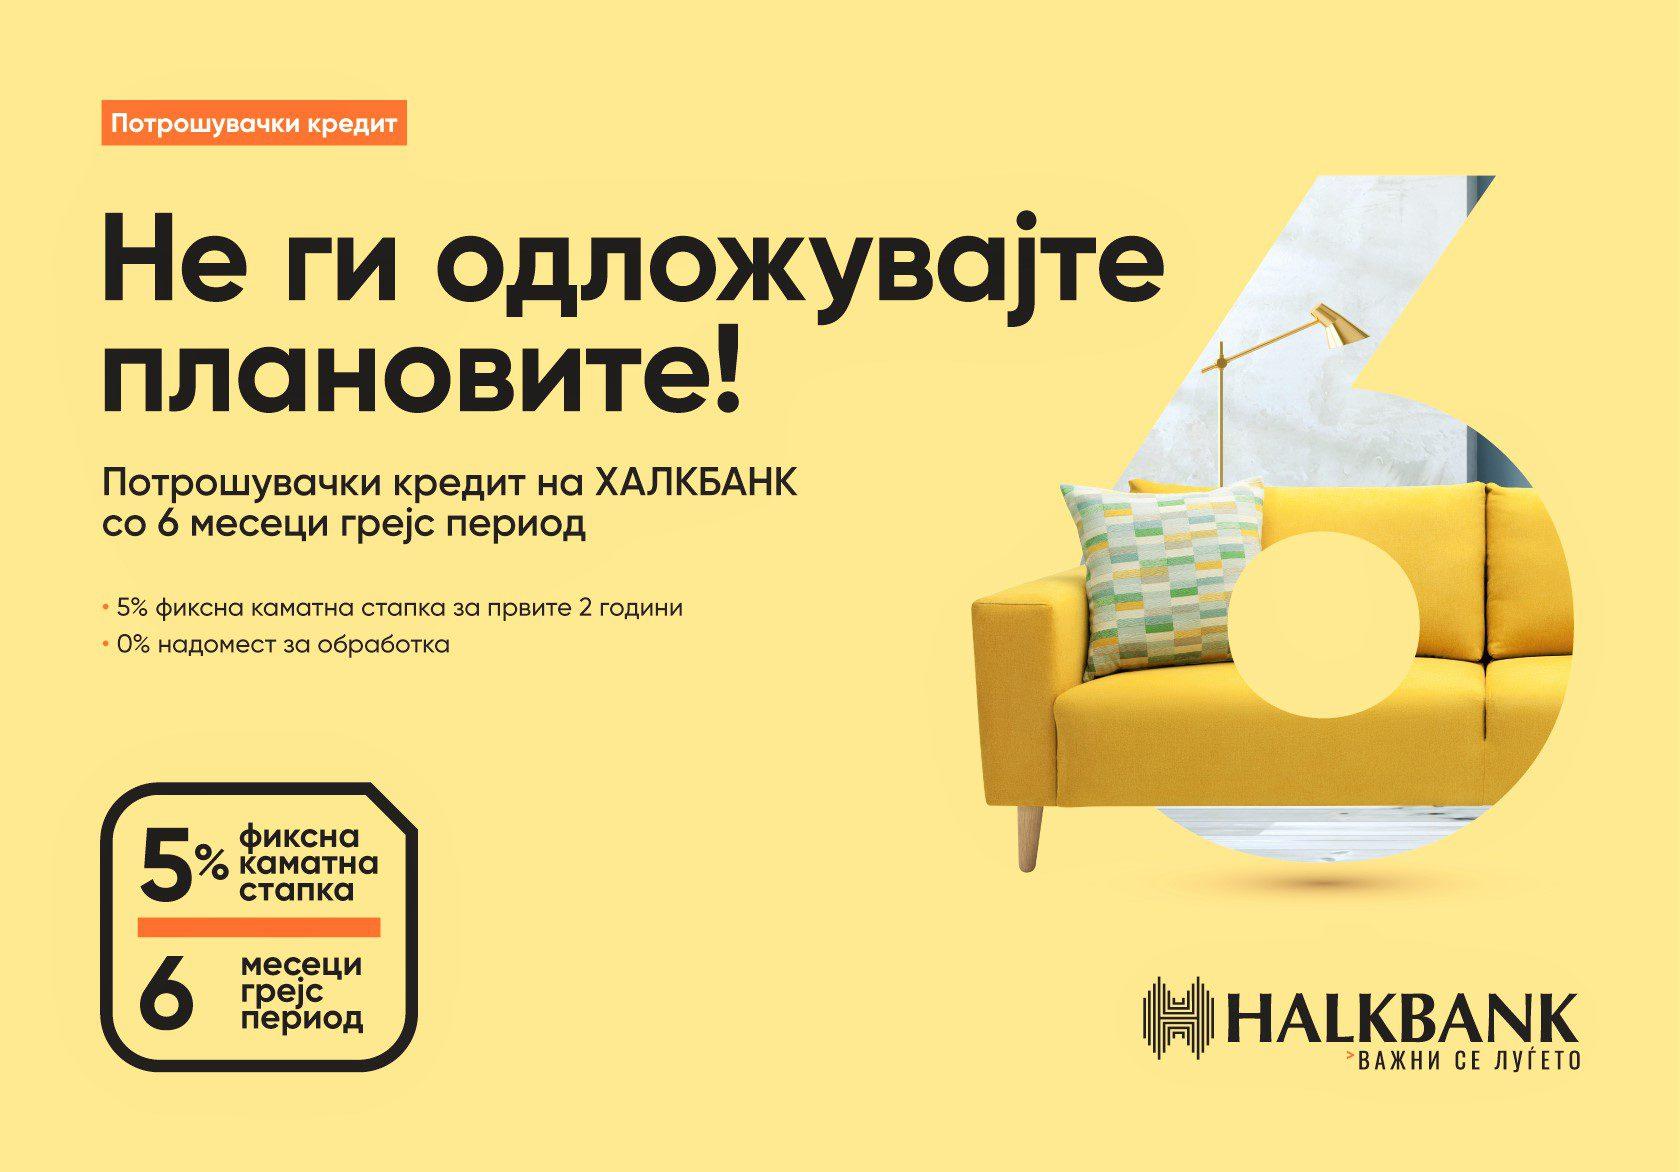 Нов потрошувачки кредит од Халкбанк со грејс период од 6 месеци за дополнително олеснување на финансиската состојба на клиентите